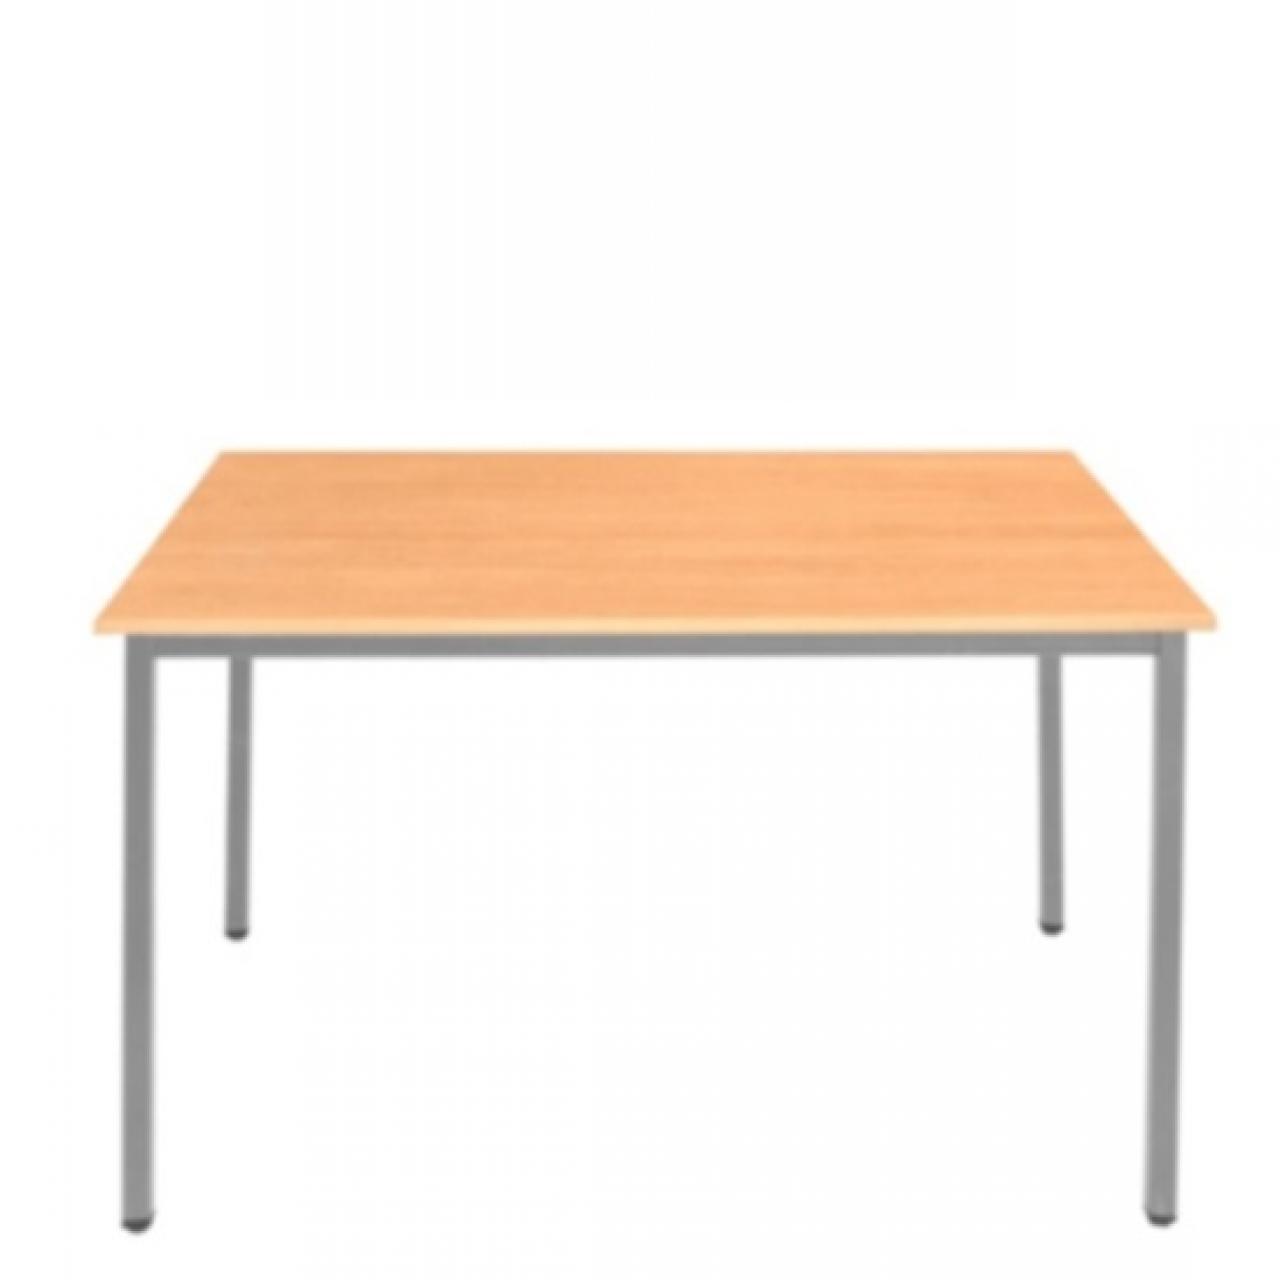 konferenztisch box schreib computertische b ro m bel j hnichen center gmbh. Black Bedroom Furniture Sets. Home Design Ideas